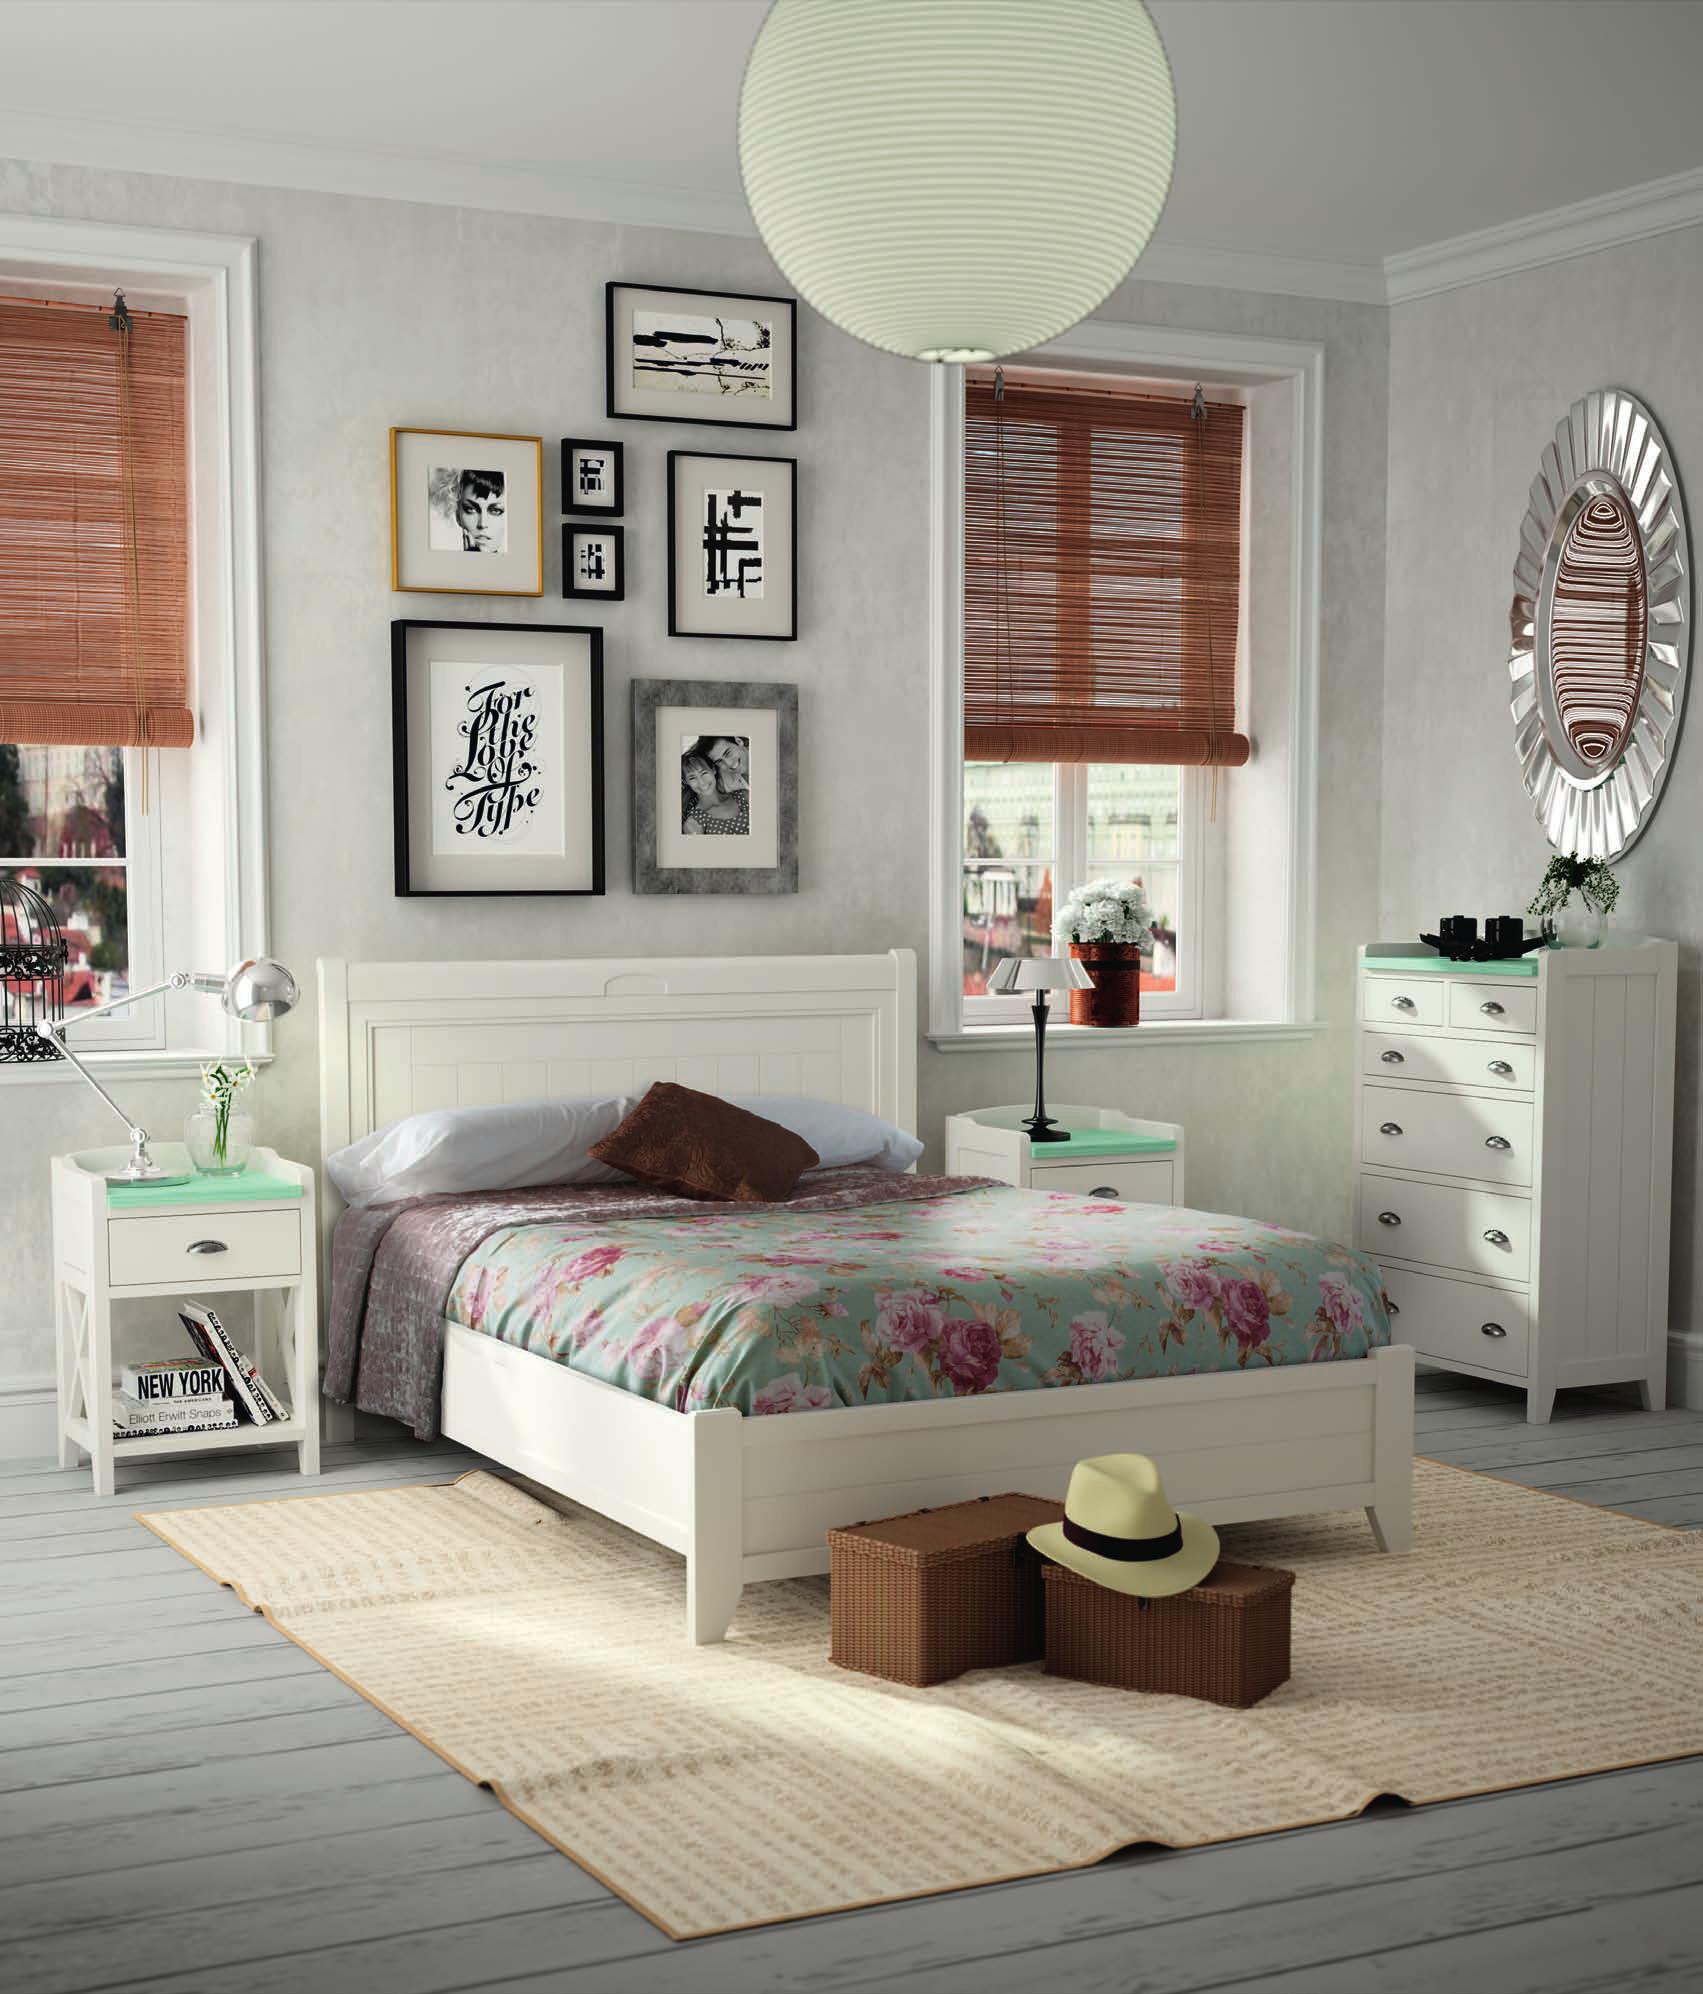 416-dormitorio-B-31